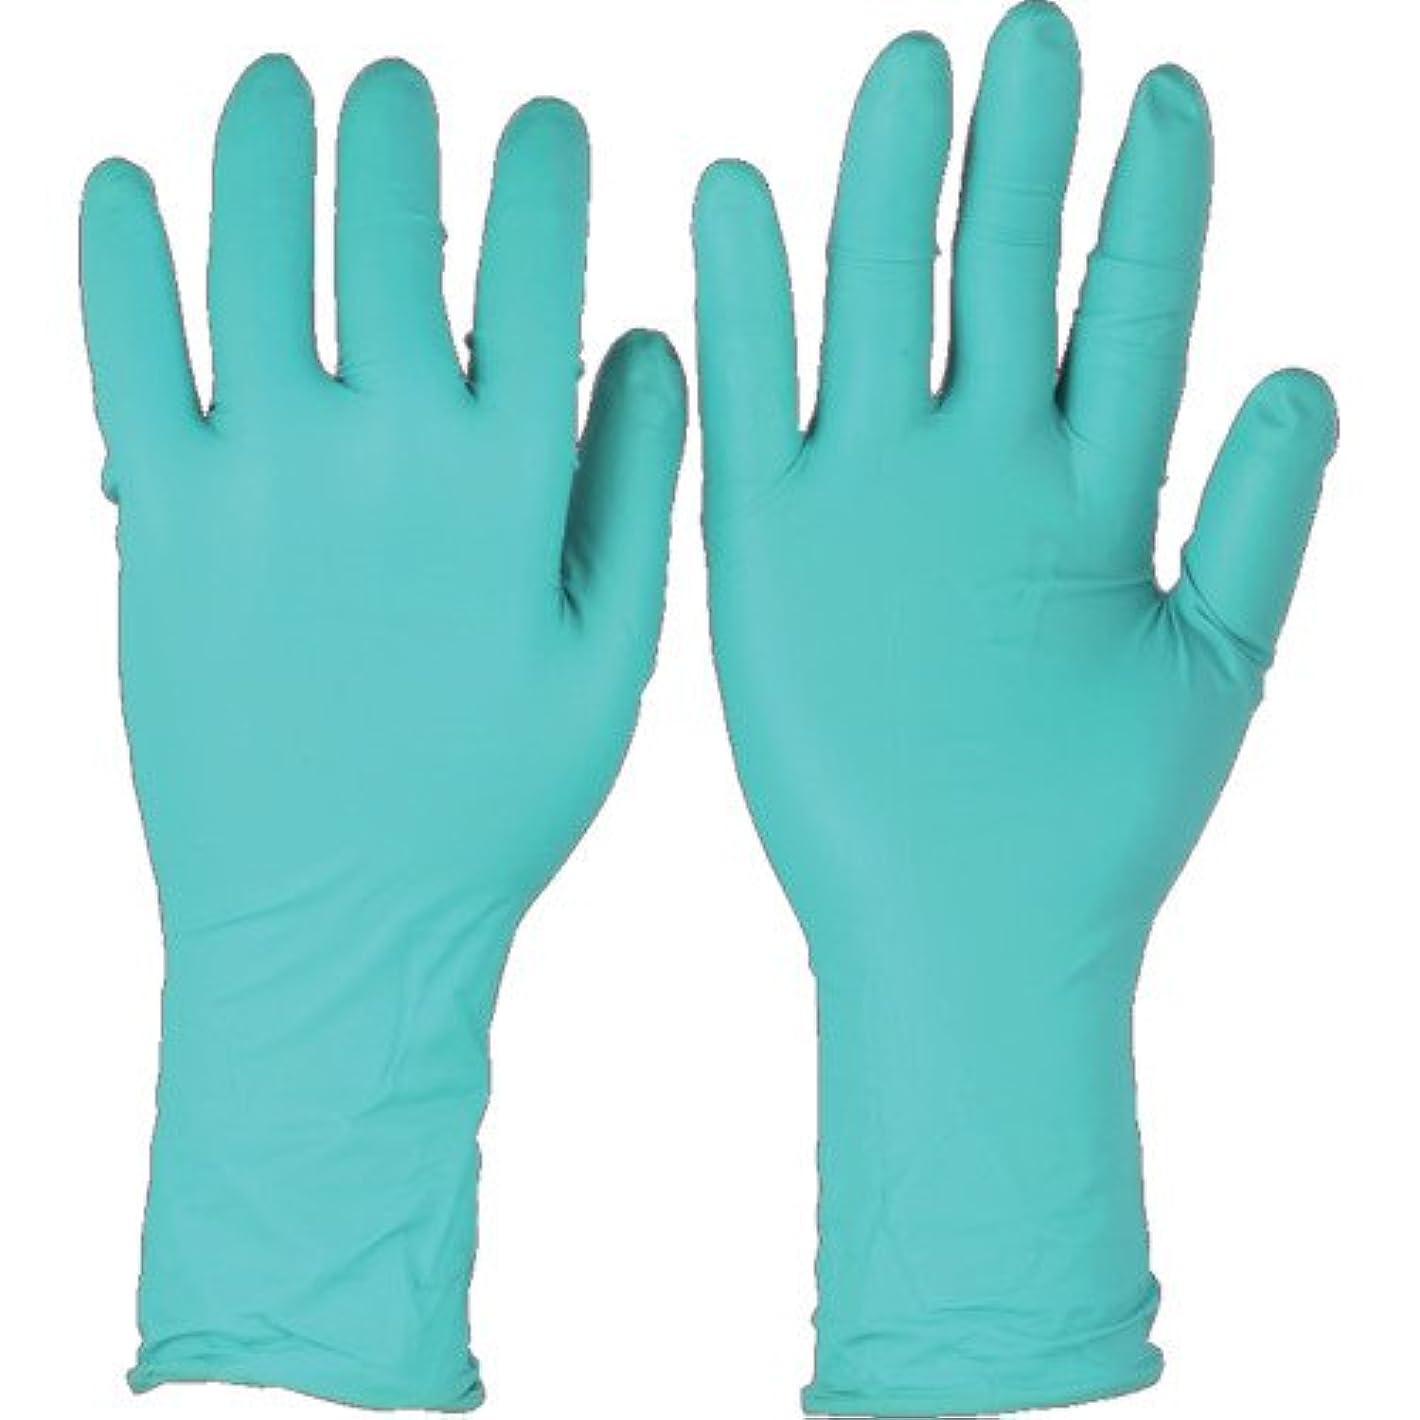 傘しかしながら不十分トラスコ中山 アンセル ネオプレンゴム使い捨て手袋 マイクロフレックス 93-260 XXLサイズ (50枚入)  9326011